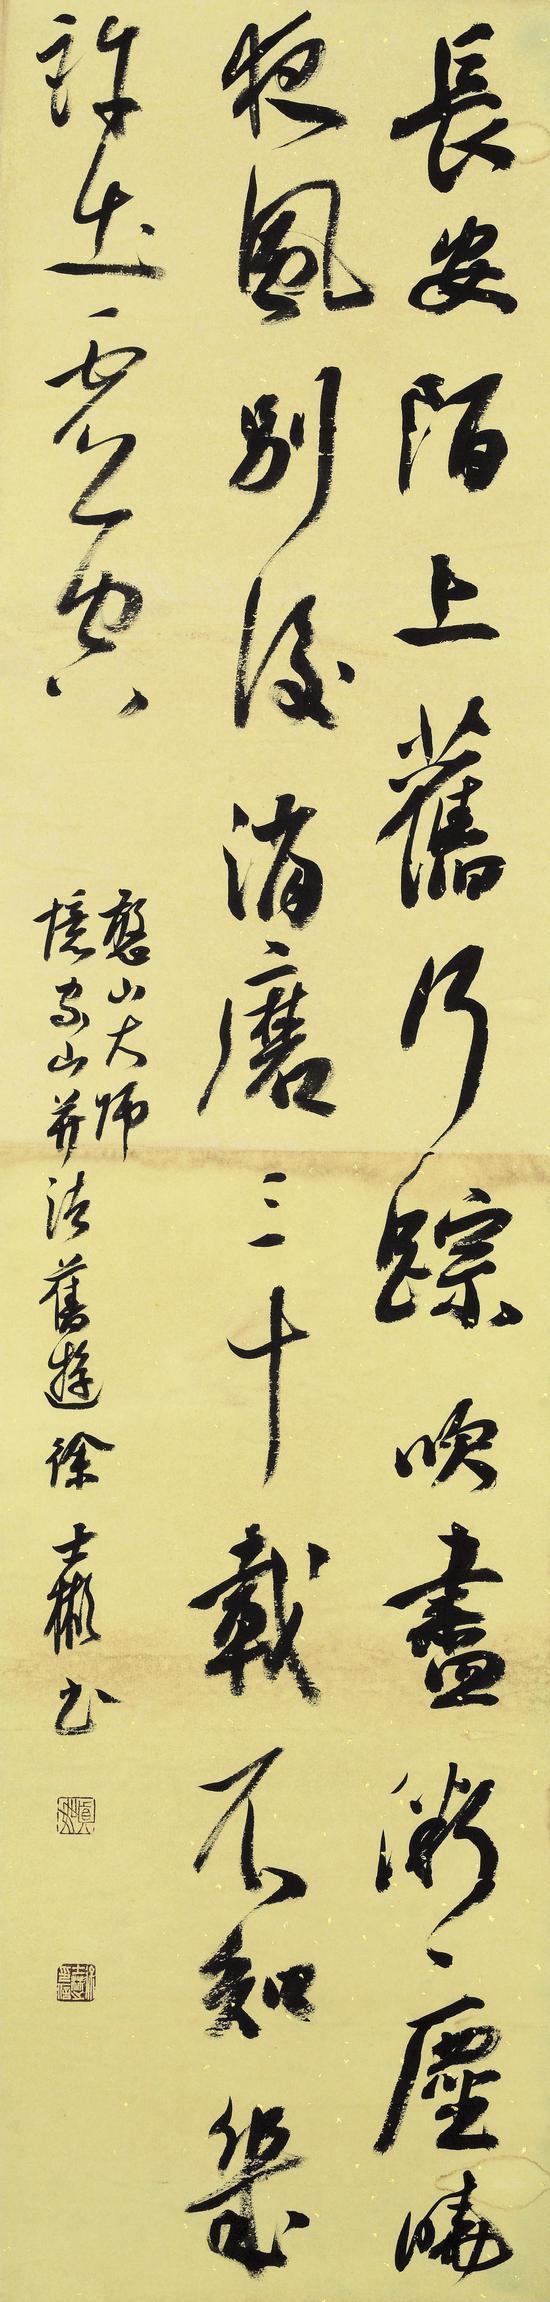 憨山大师诗- 34X136CM